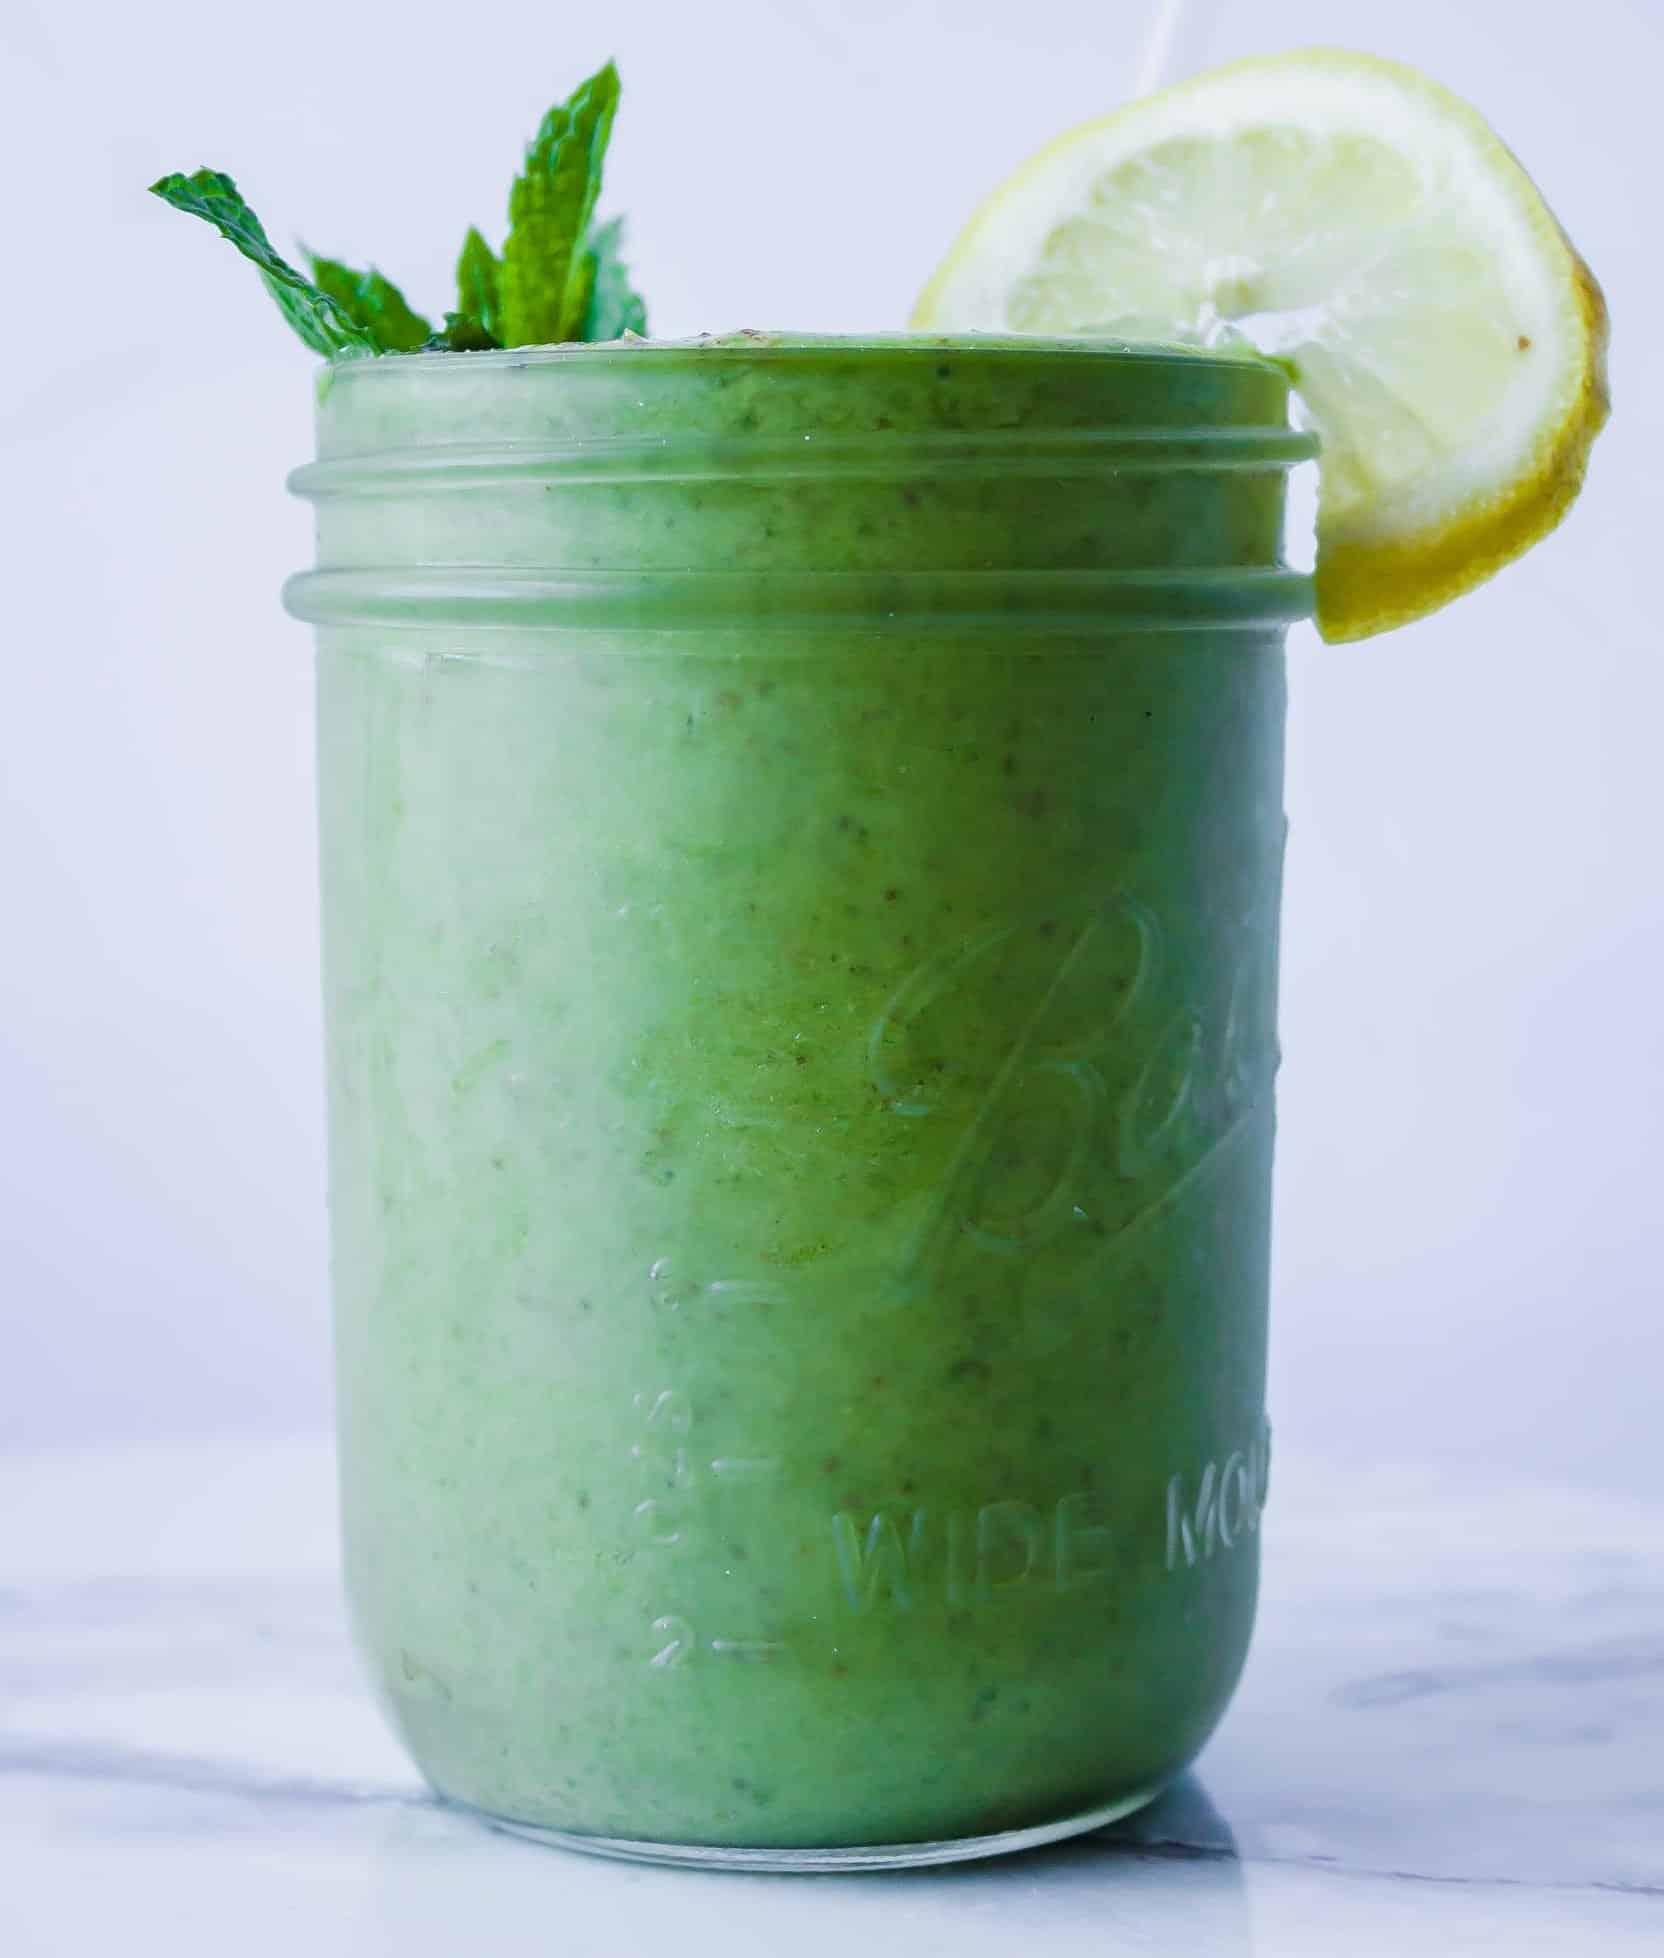 anti-aging mango kale smoothie